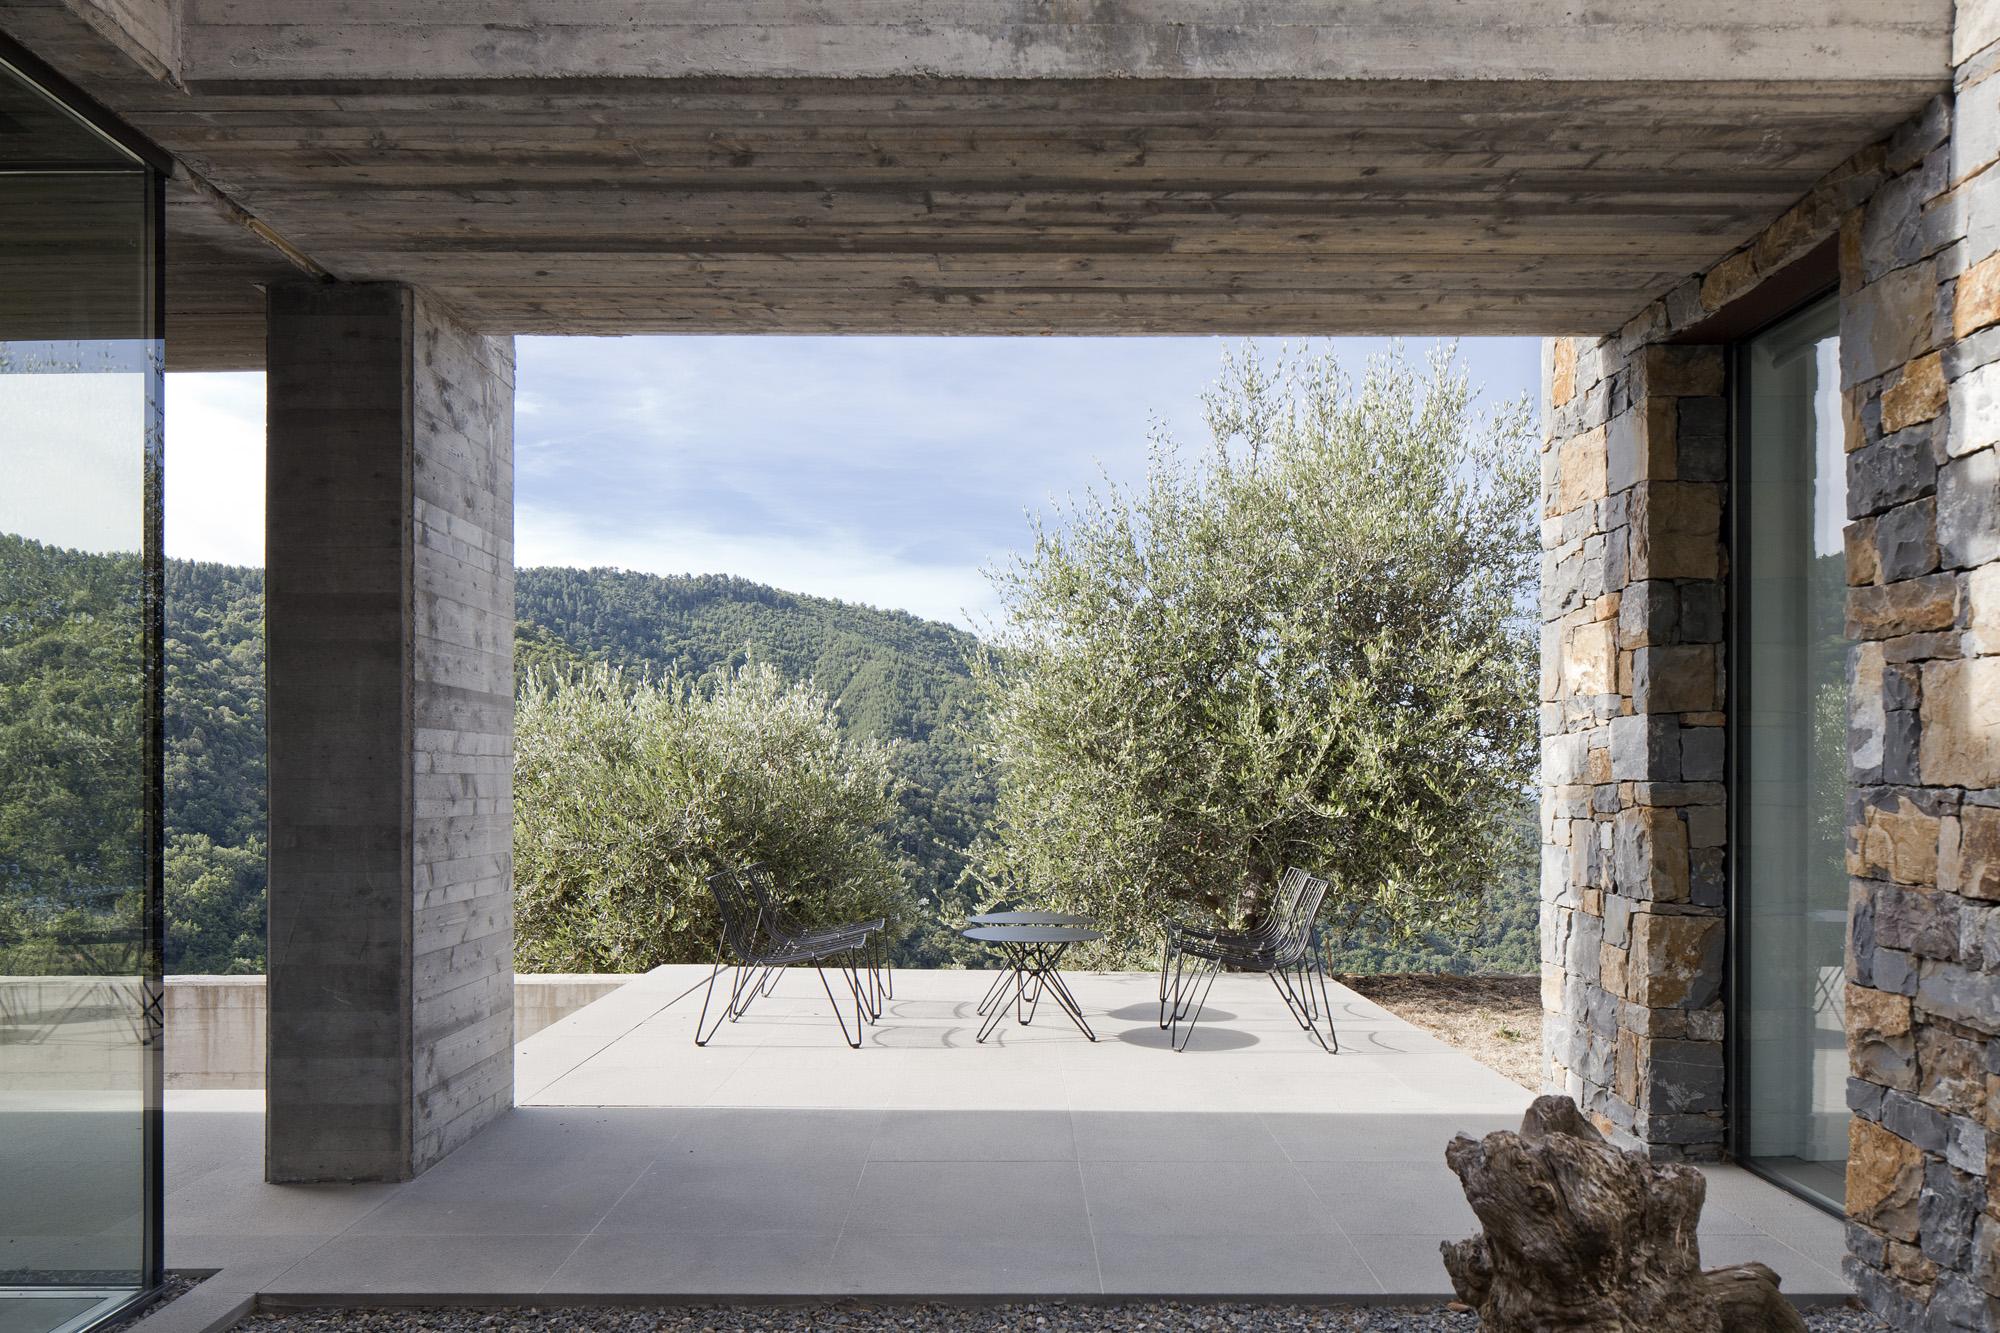 Arch.Muscatello, Andrea Bosio, architettura, fotografia di architettura, architecure photography